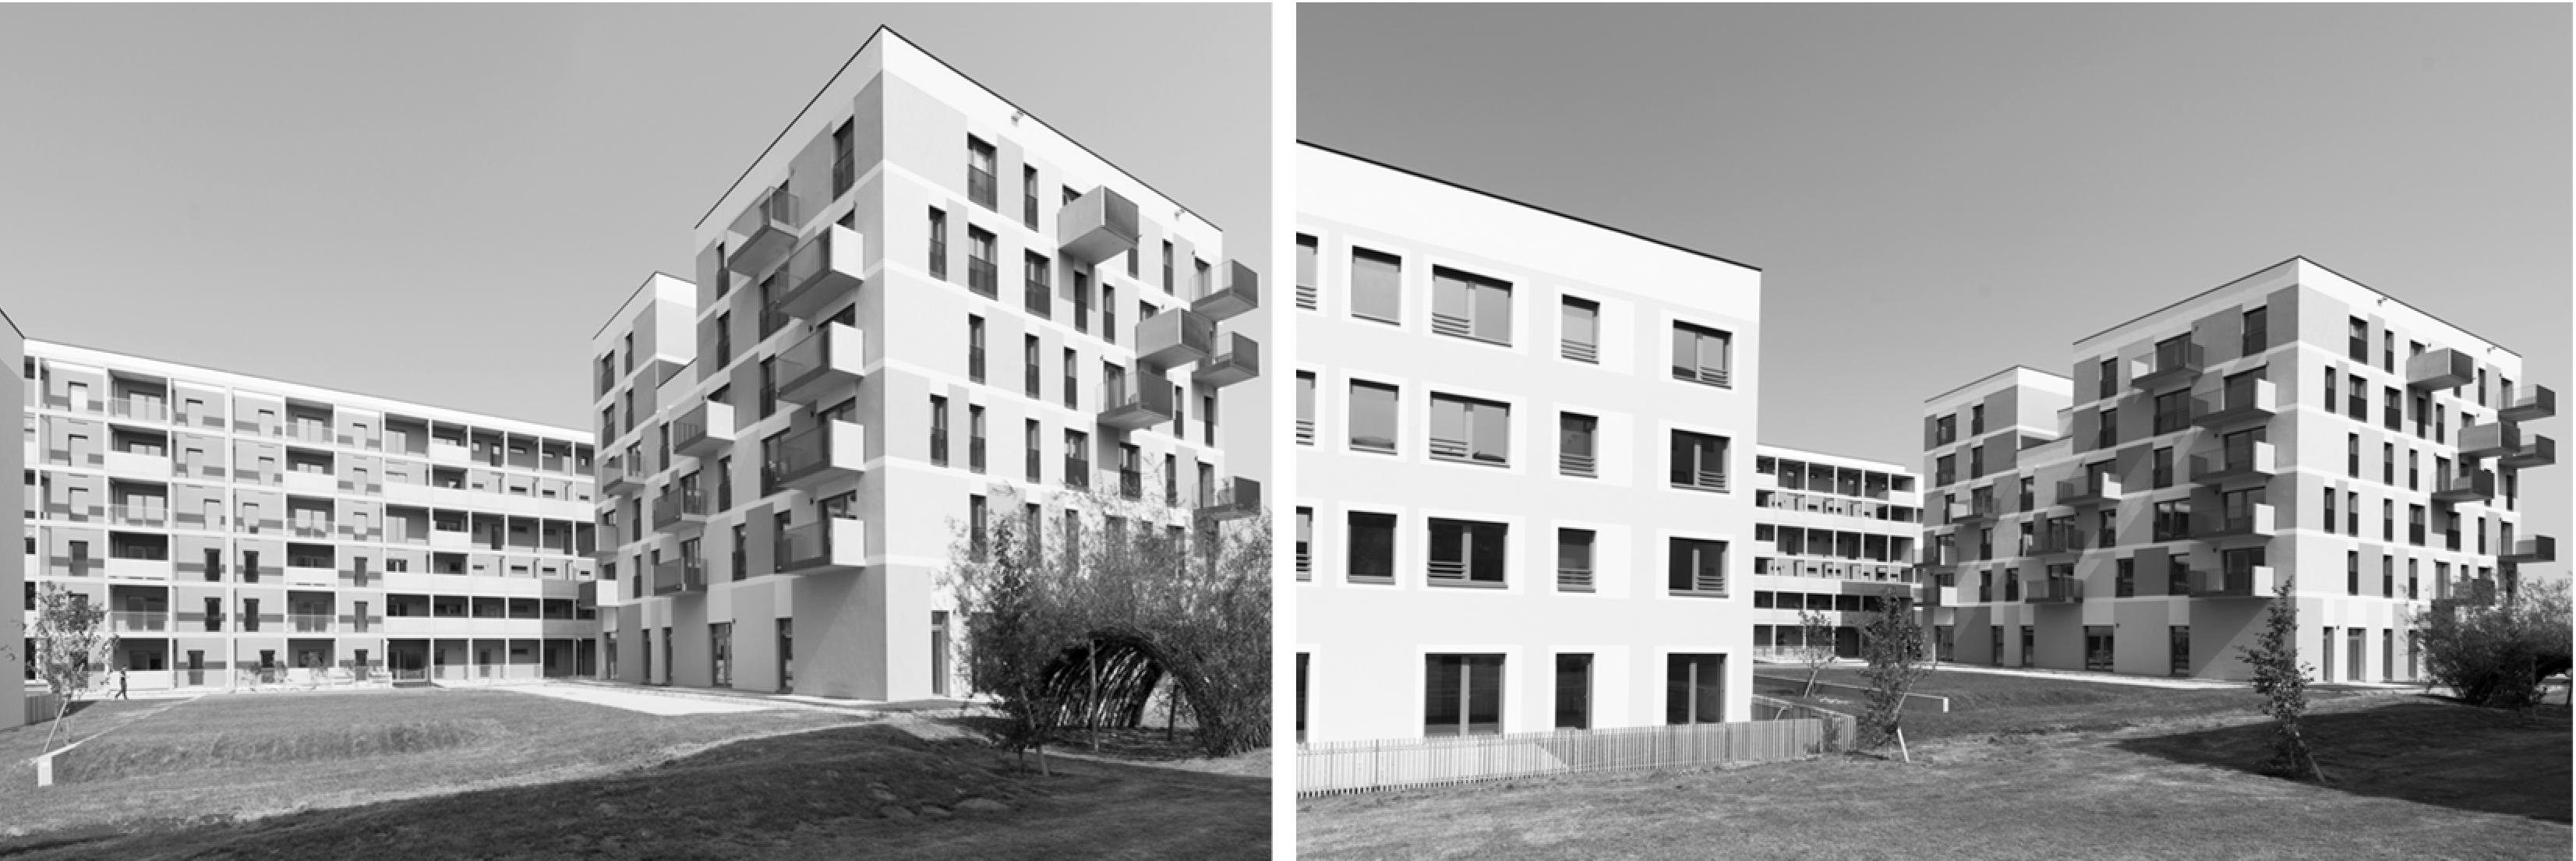 Wohnhausanlage Seestadt Aspern – Wien